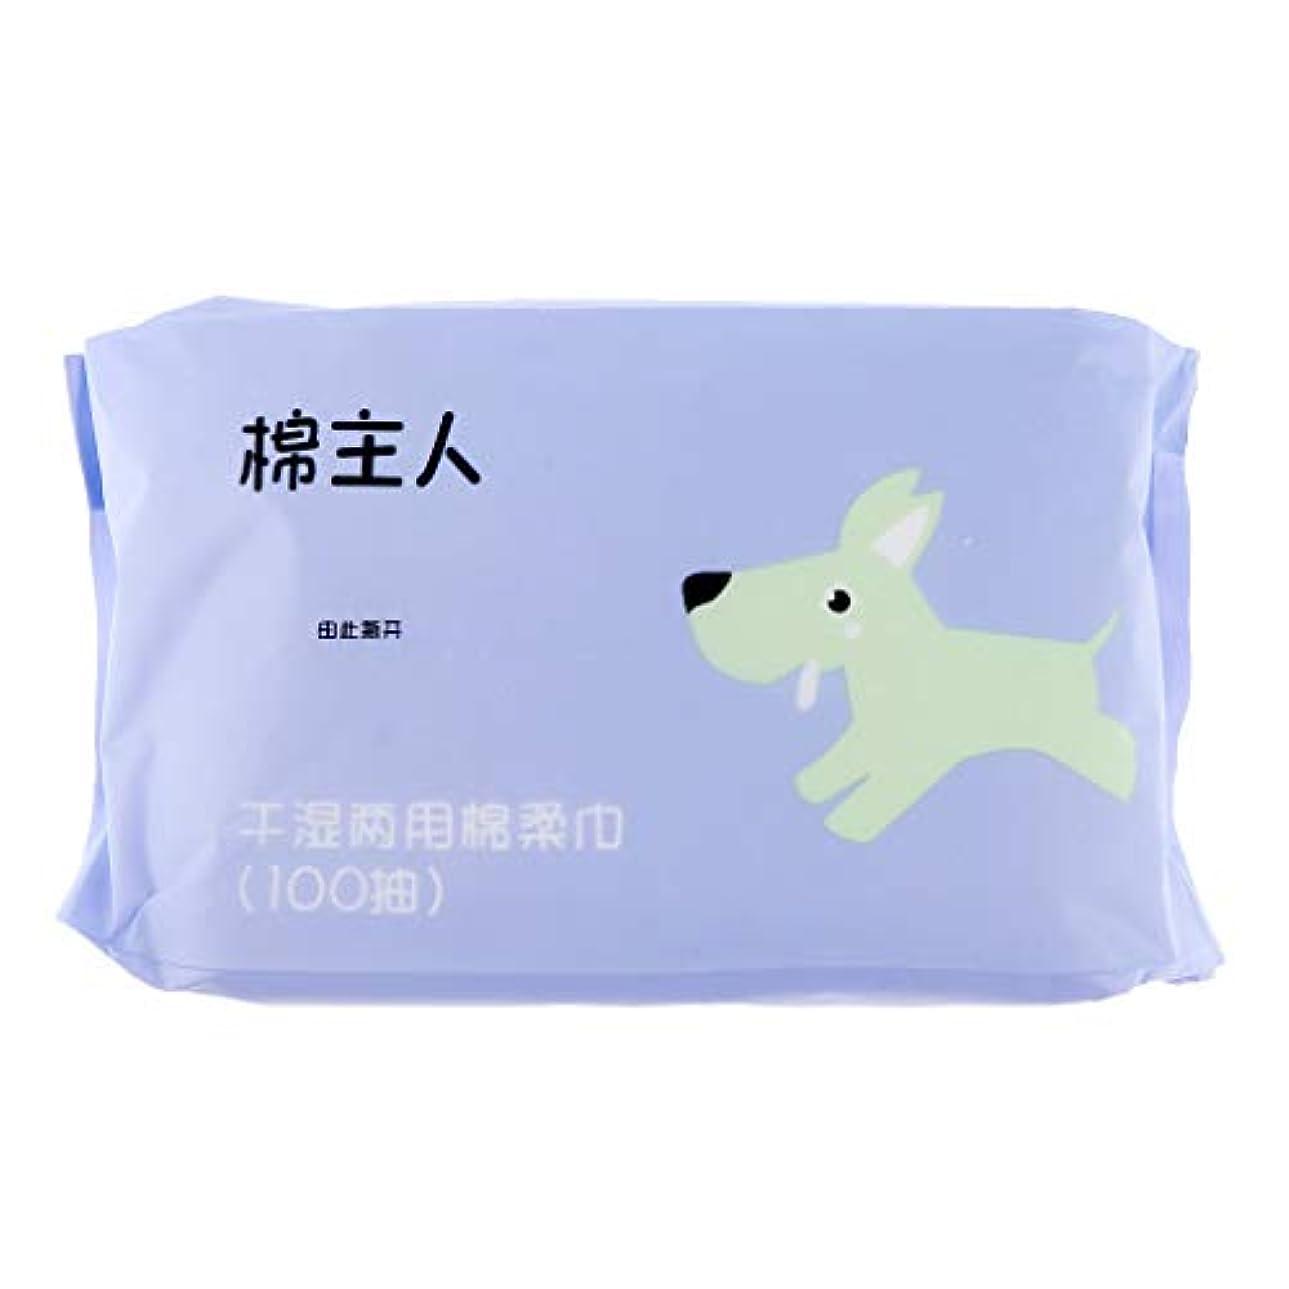 CUTICATE クレンジングシート メイク落とし 軽量 便利 敏感肌用 非刺激 不織布 フェイスタオル 約100枚 - 青紫